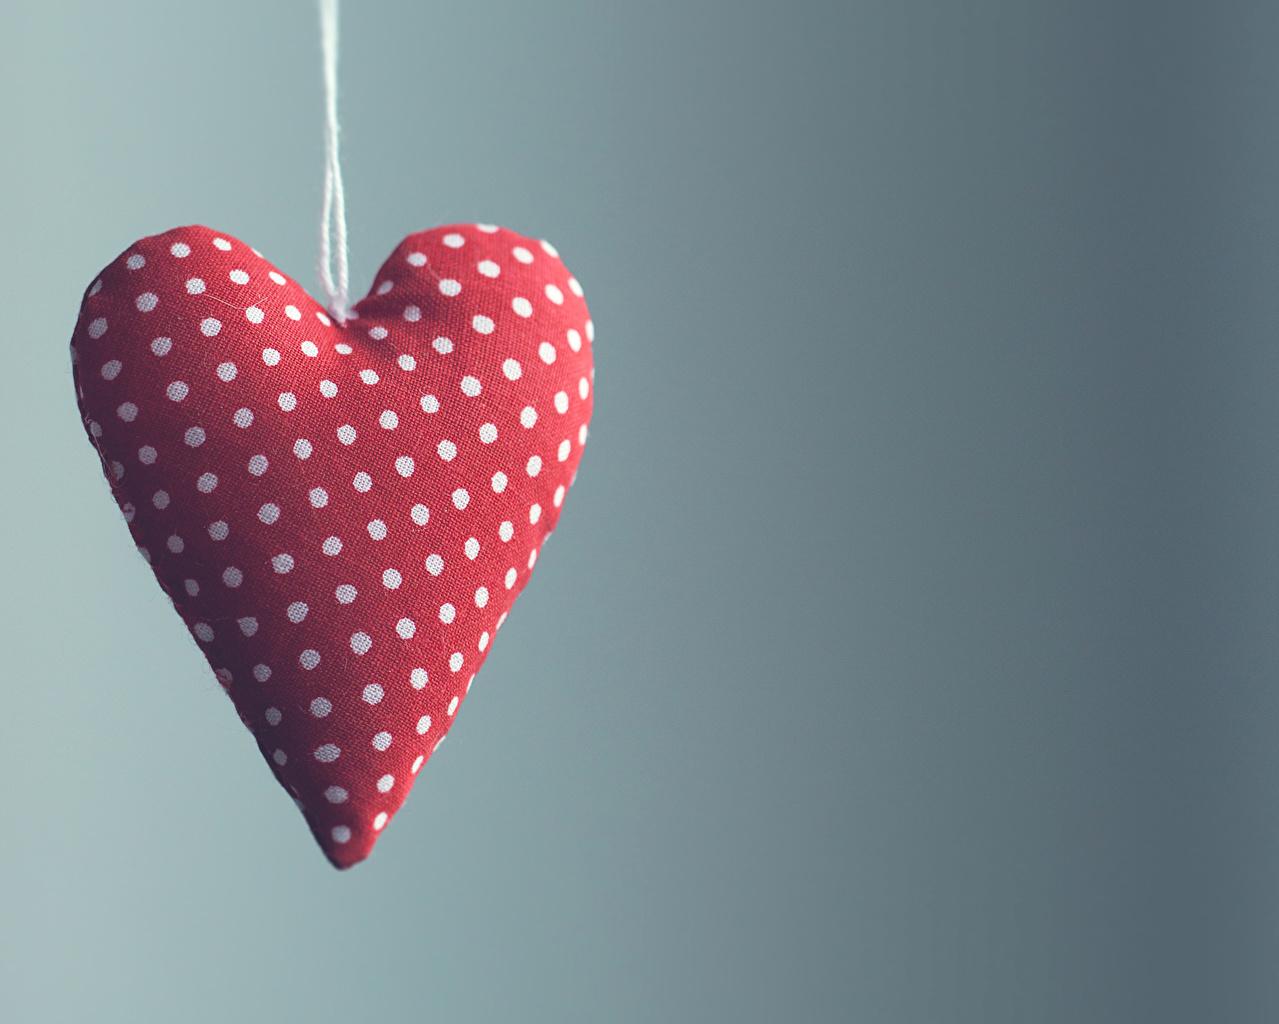 Картинки День святого Валентина сердечко вблизи Цветной фон День всех влюблённых Сердце Крупным планом